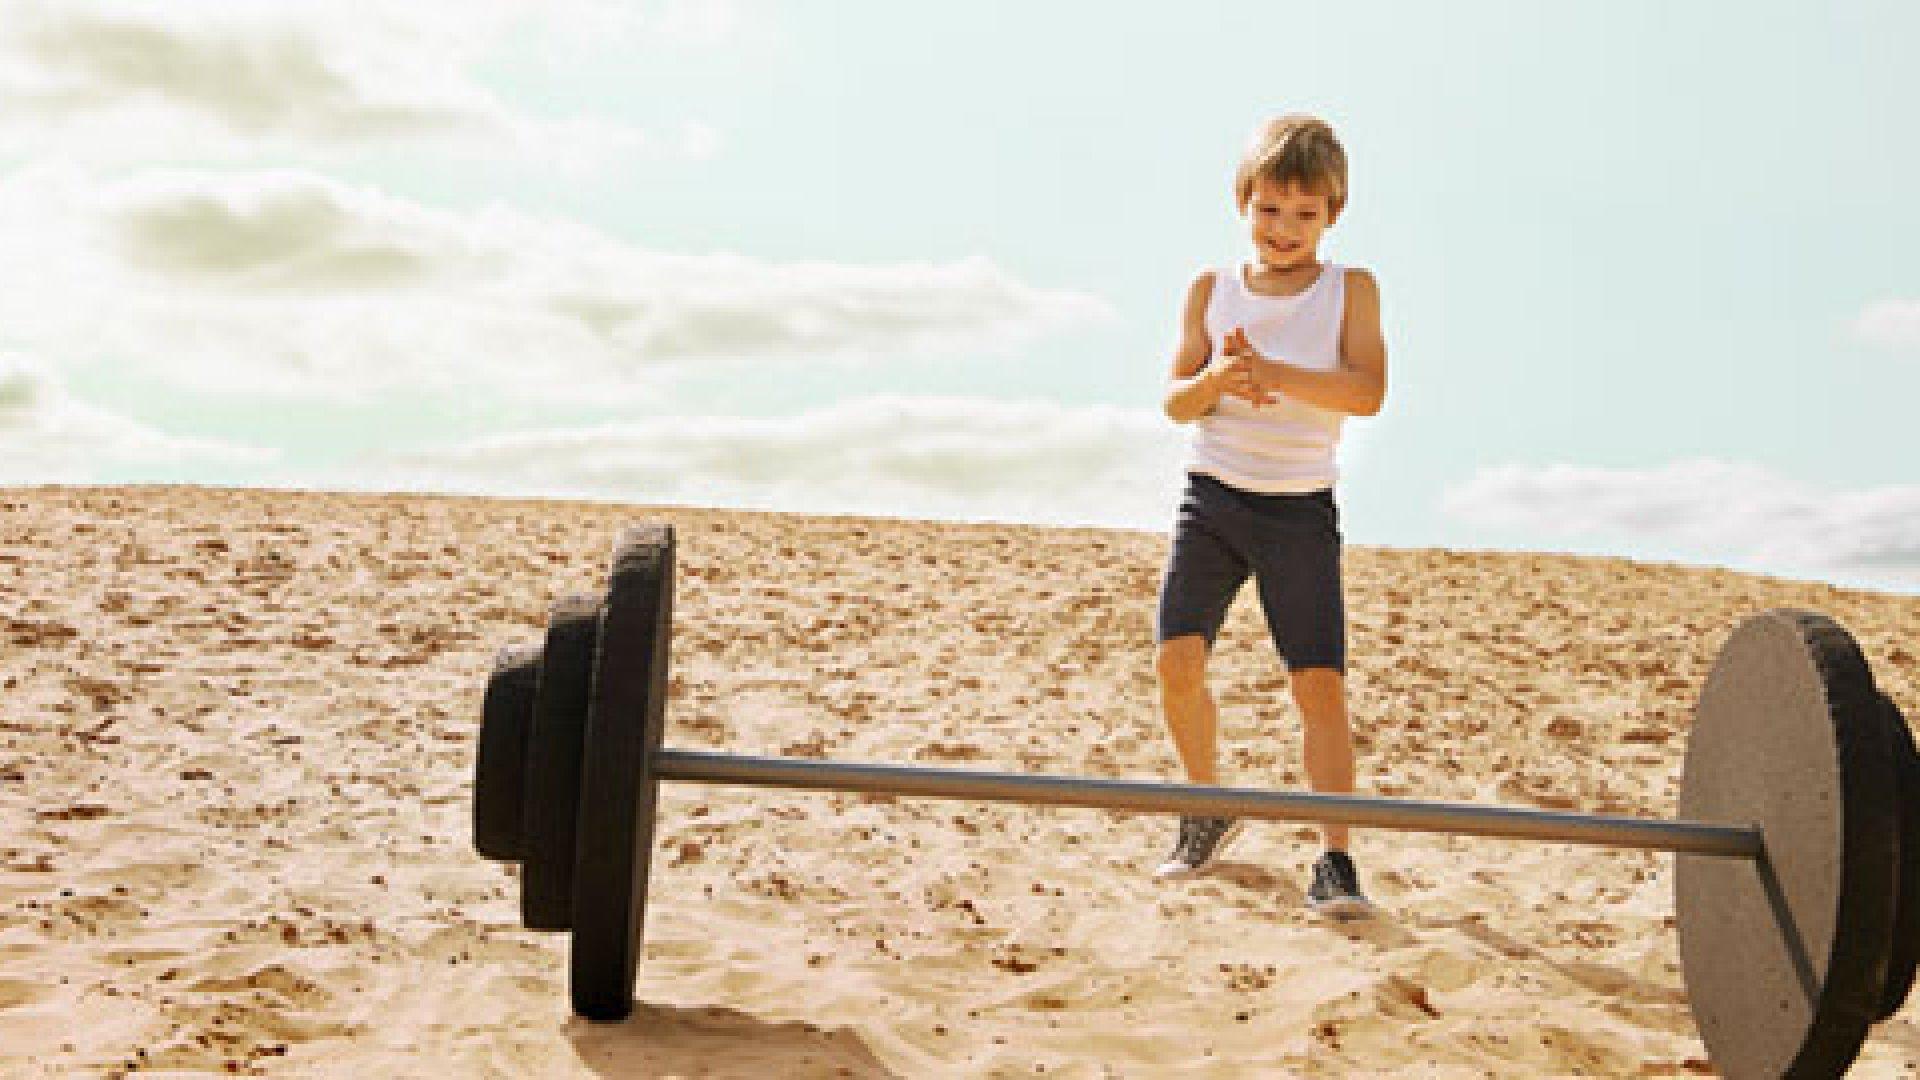 5 Tactics to Conquer Goliath Competitors